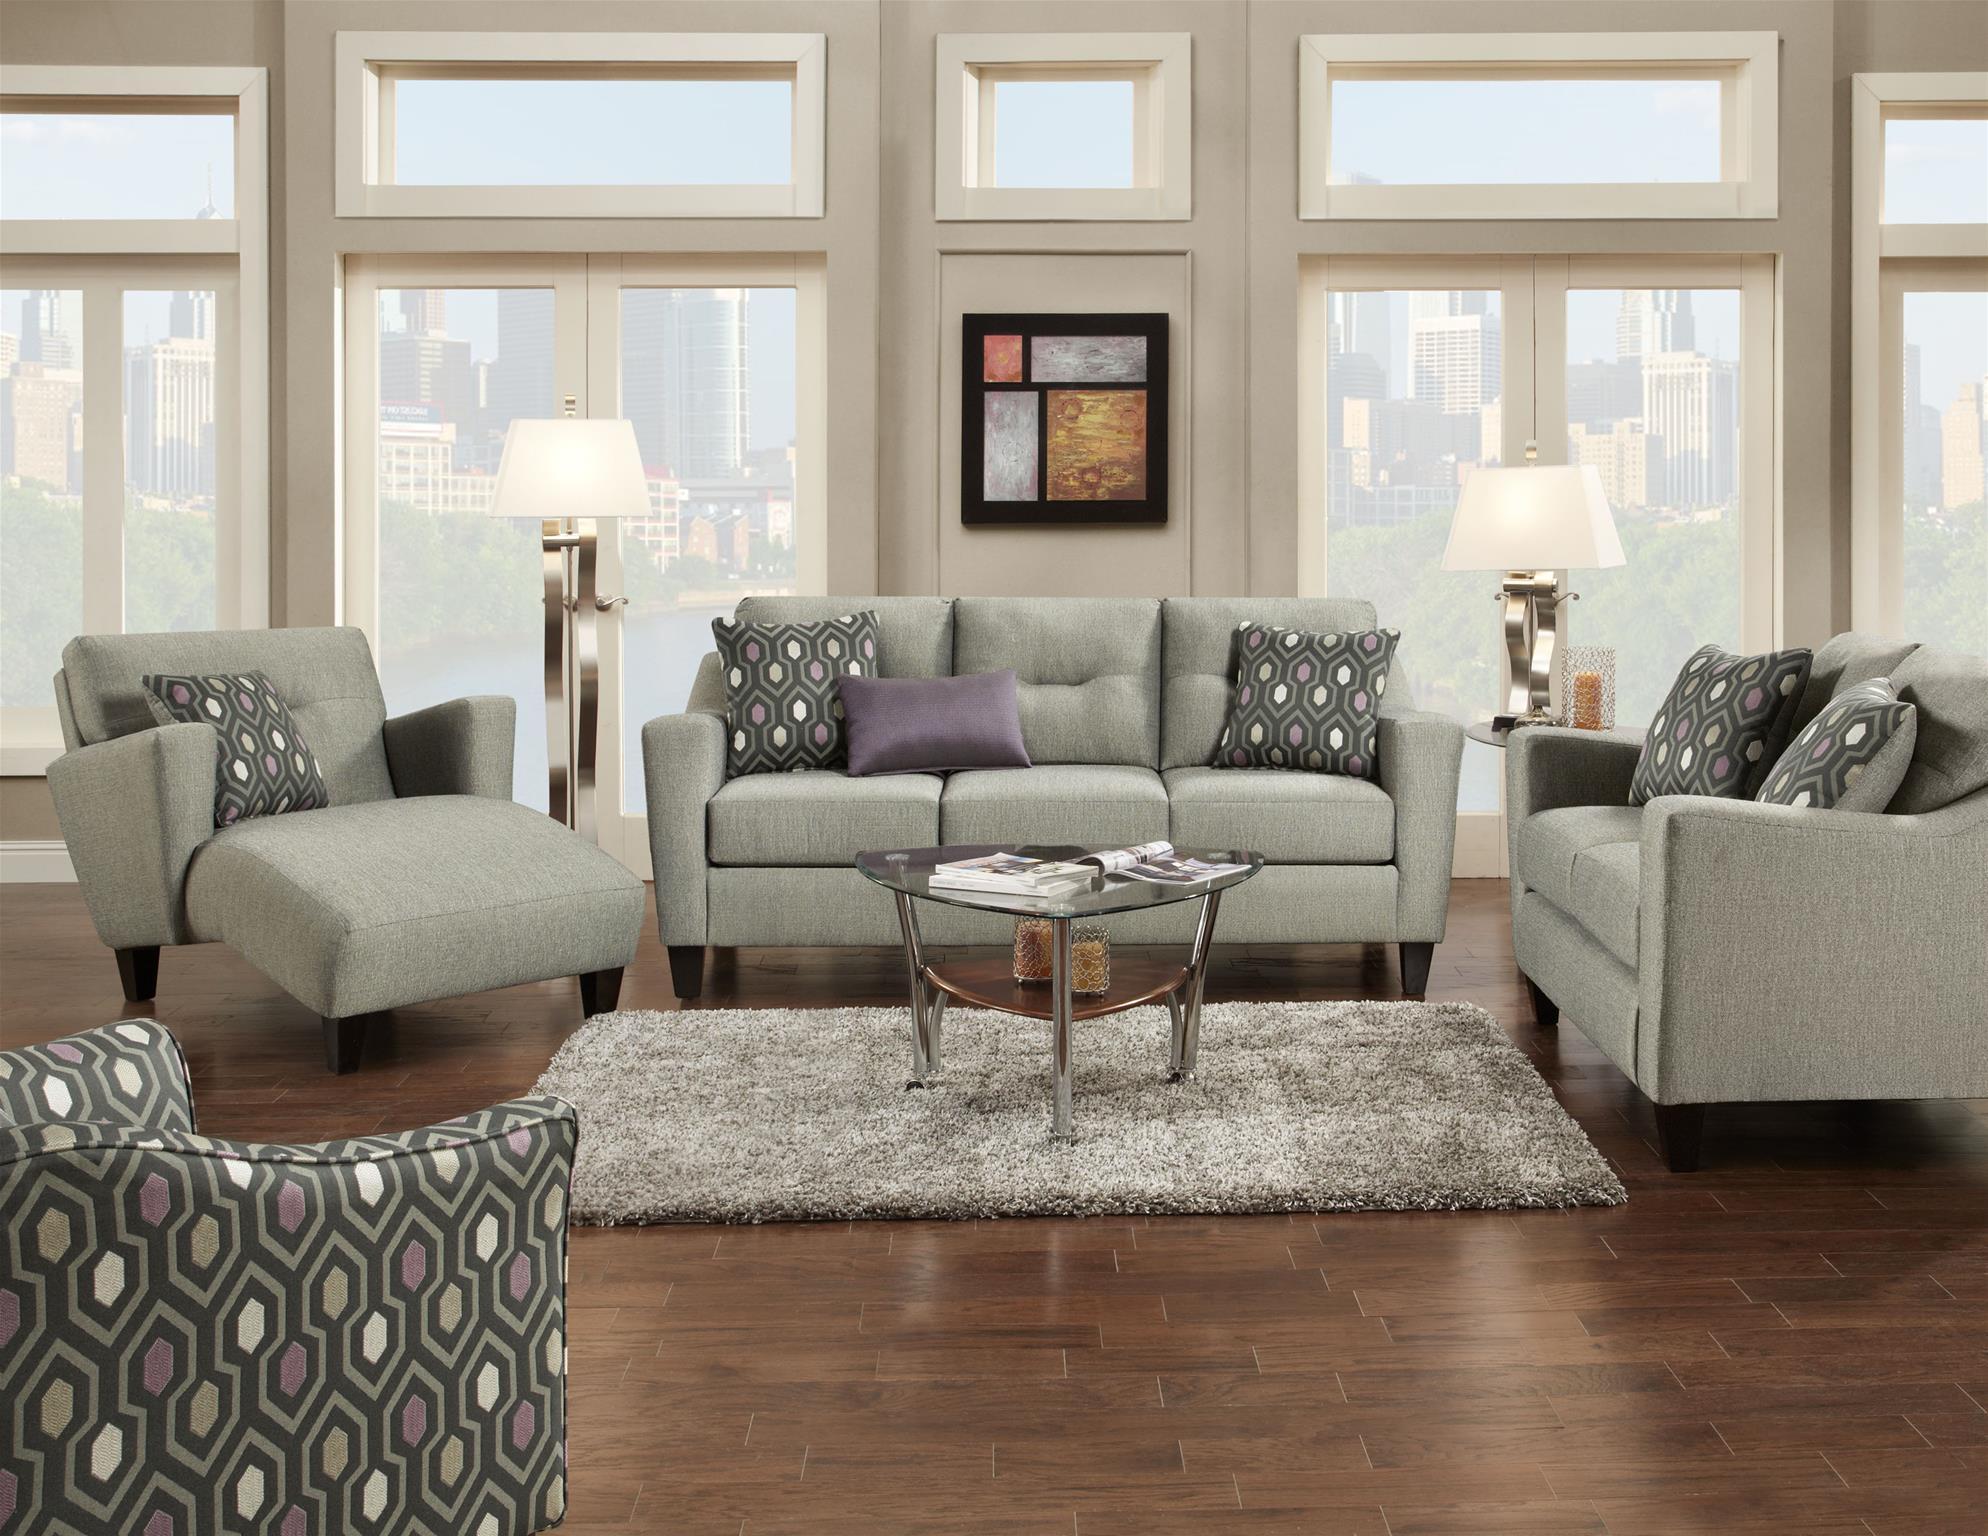 Sofa Set - Corporate Rentals